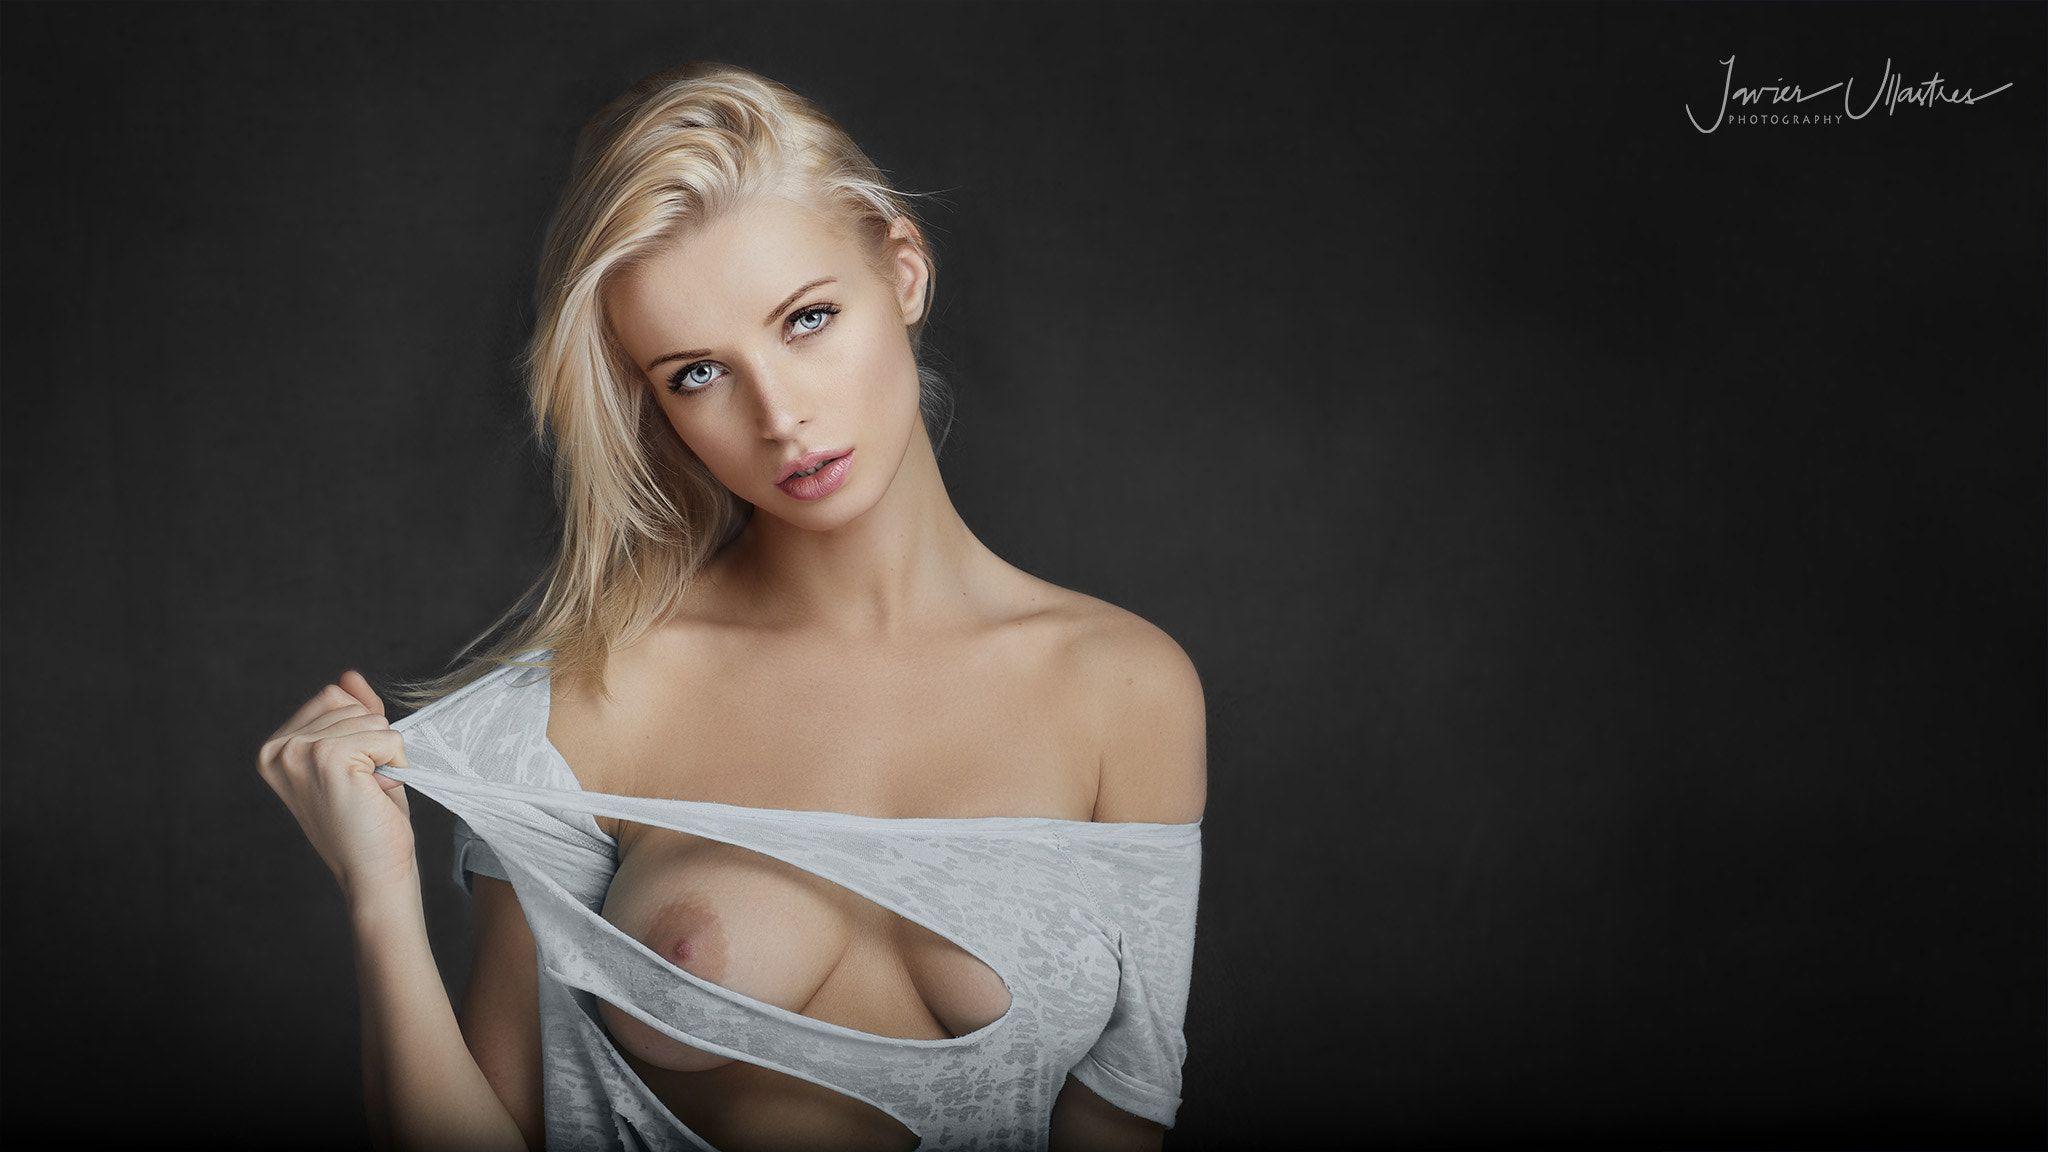 Ekaterina Enokaeva 000 En 2019